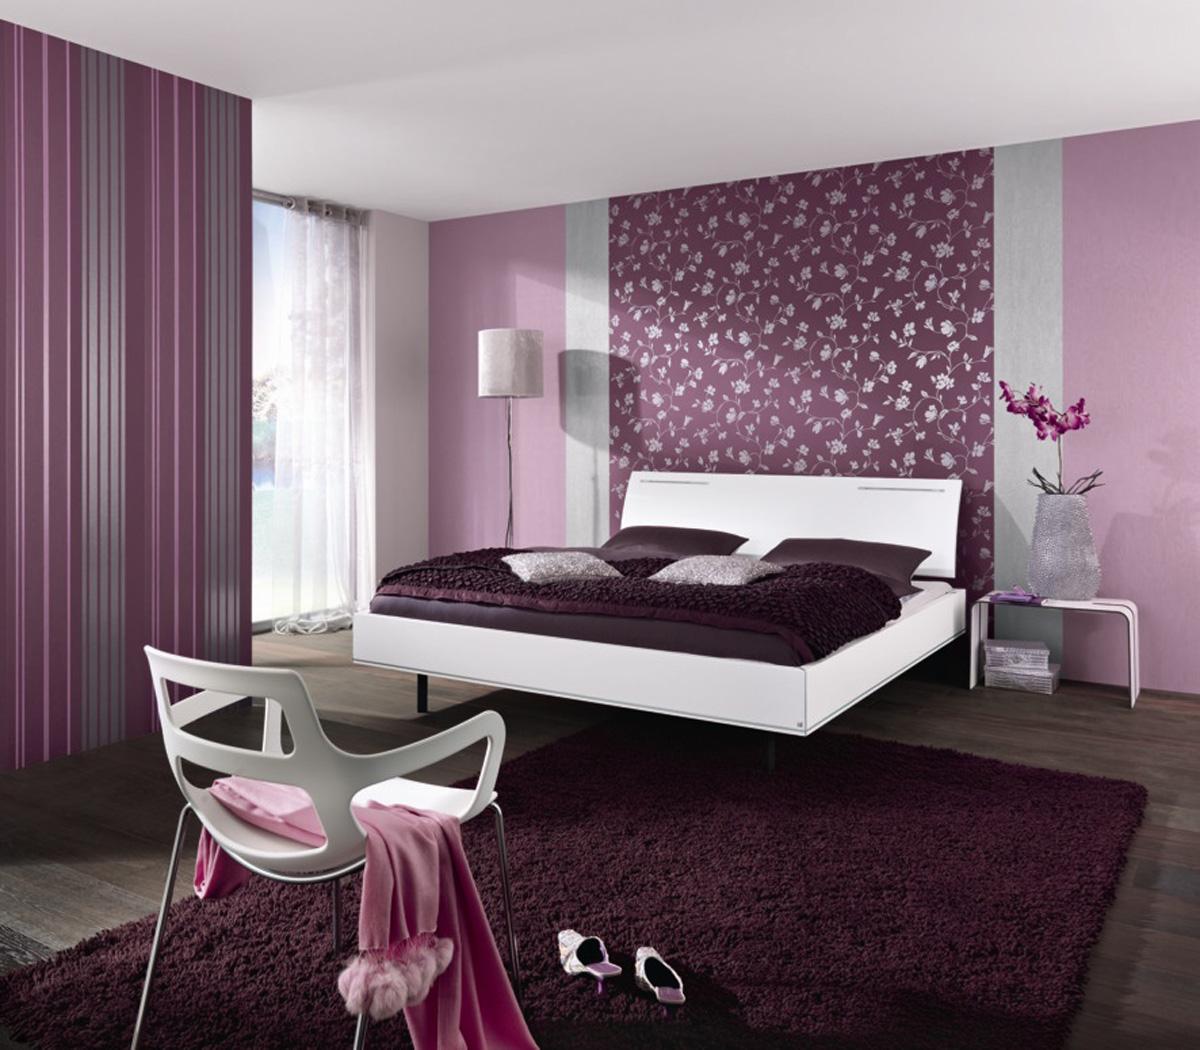 Фиолетовые обои с цветочным рисунком